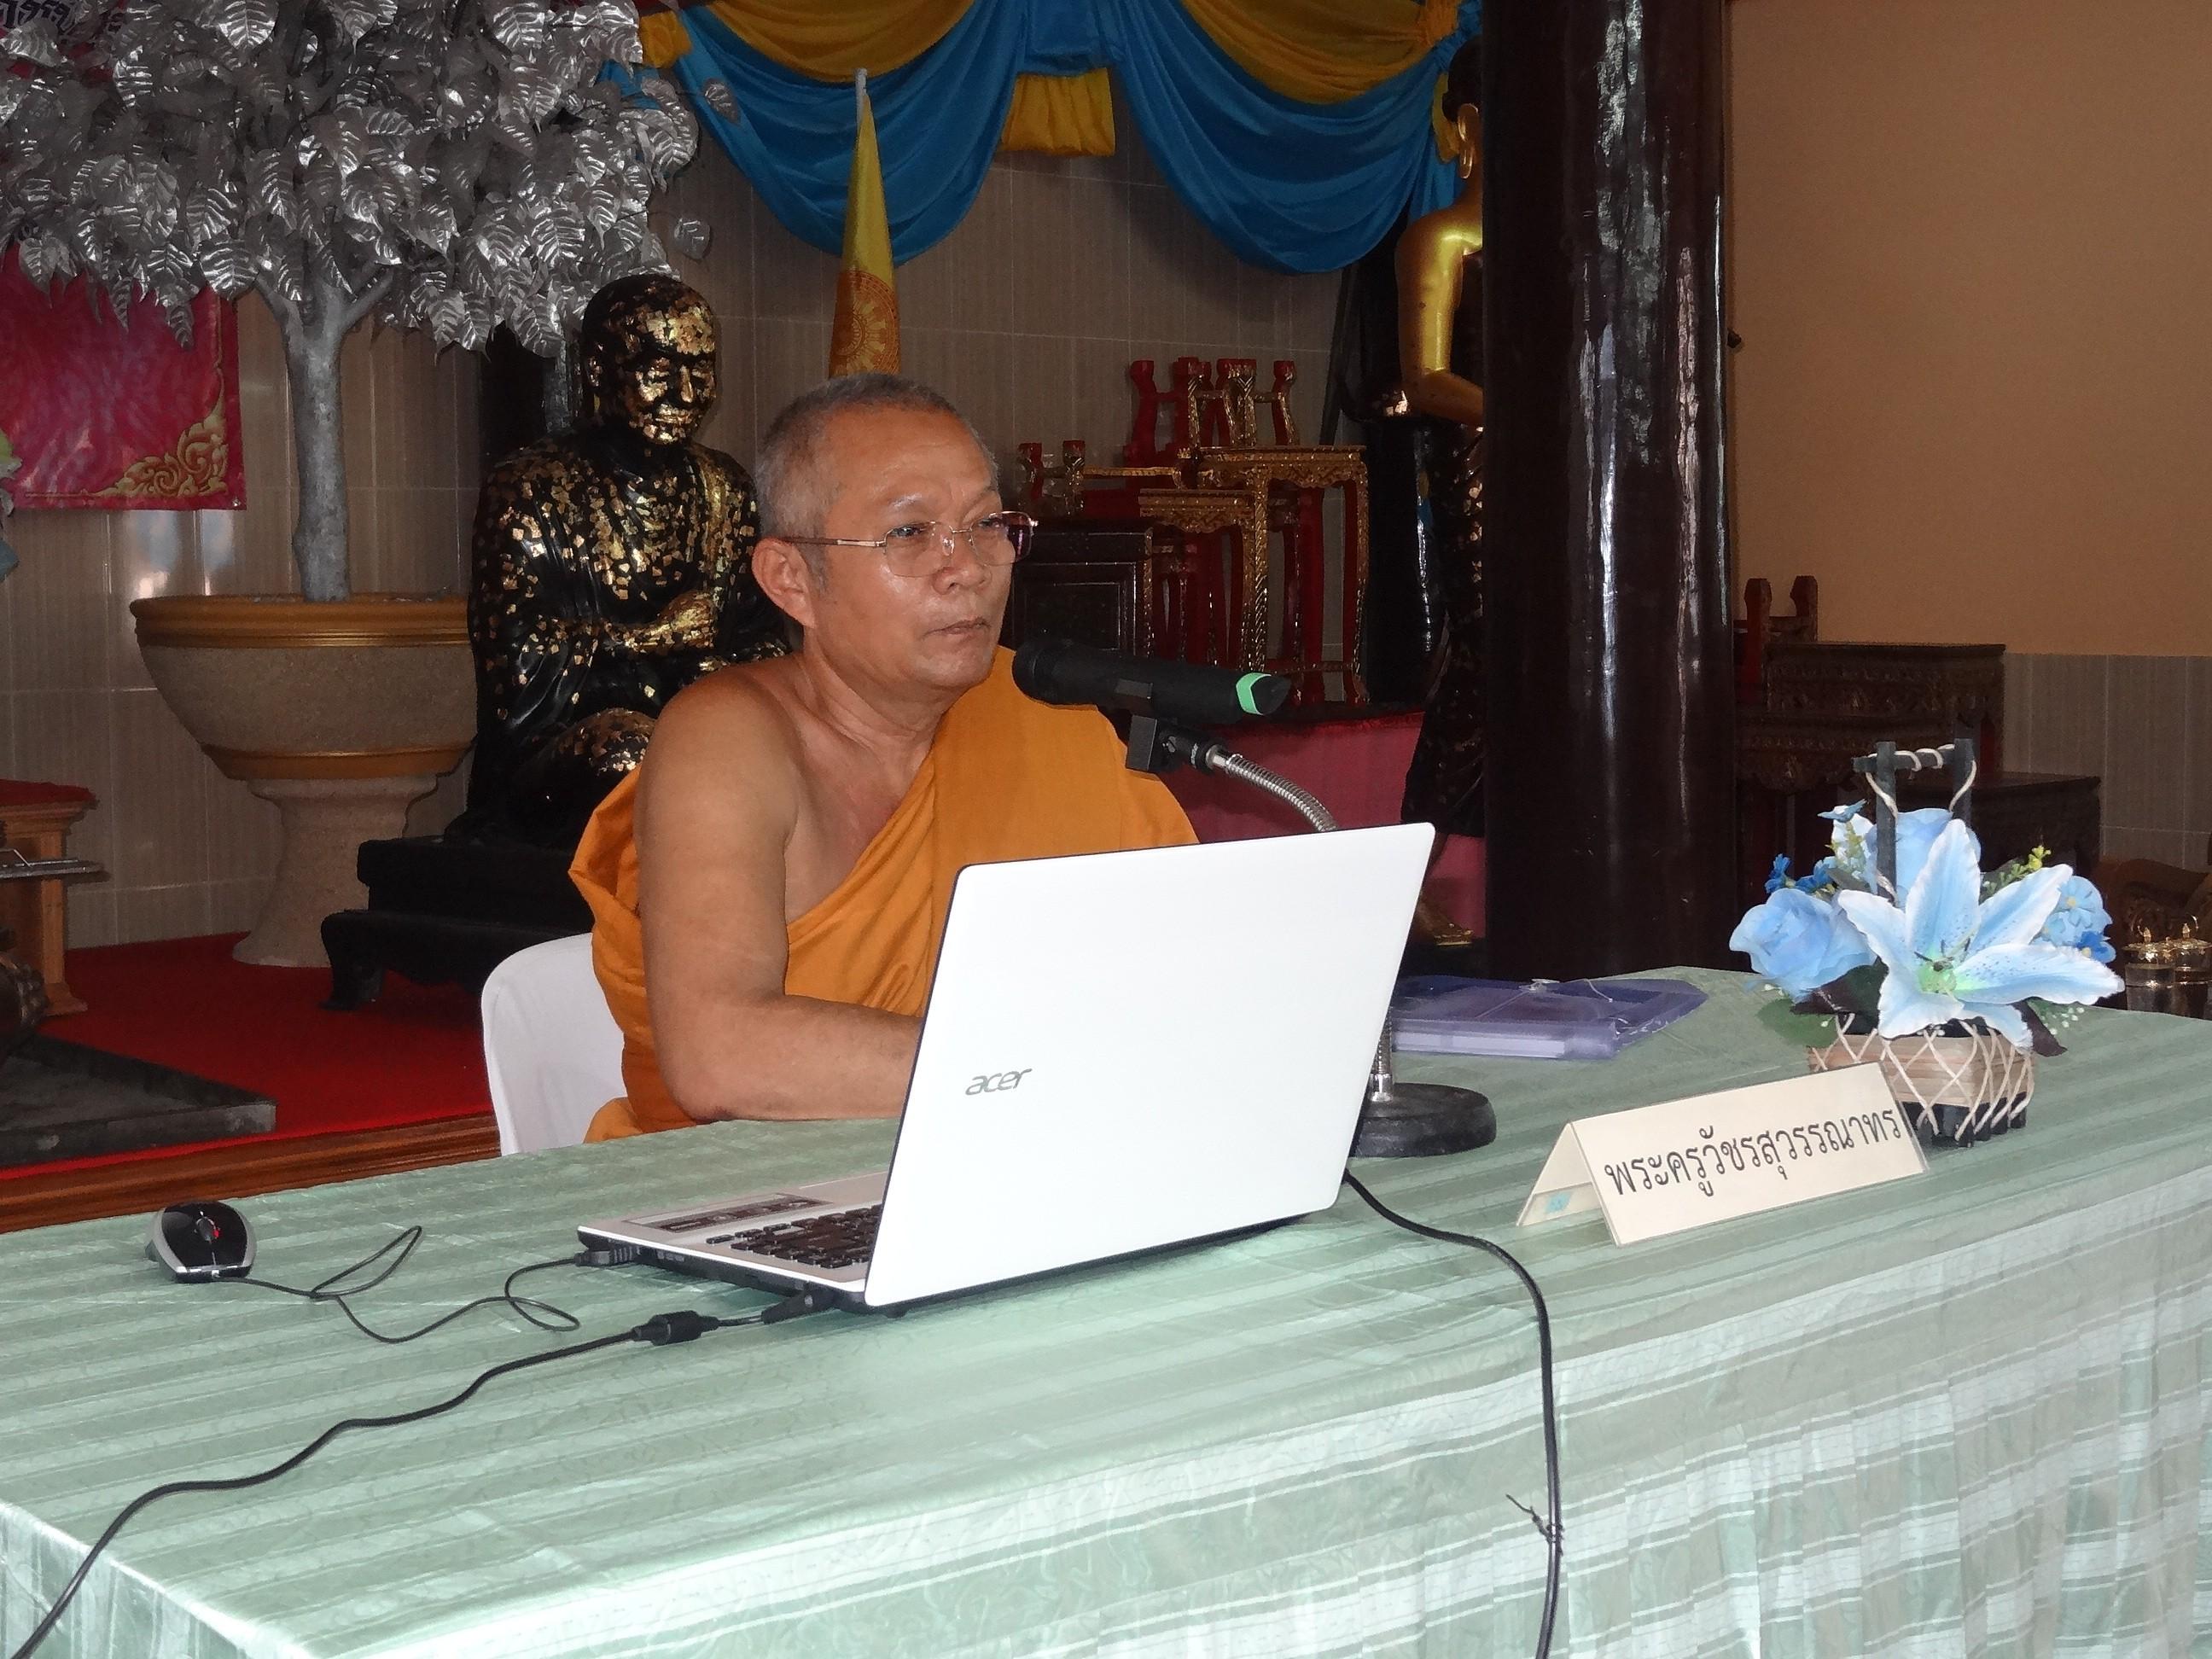 โครงการสัมมนาเชิงปฏิบัติการด้านการอนุรักษ์ สำหรับพระสังฆาธิการและช่างพื้นถิ่นเมืองเพชร เรื่อง การอนุรักษ์งานศิลปกรรม  ณ วัดพระทรง ตำบลท่าราบ อำเภอเมือง จังหวัดเพชรบุรี วันที่ ๒๔-๒๕ กันยายน ๒๕๕๘